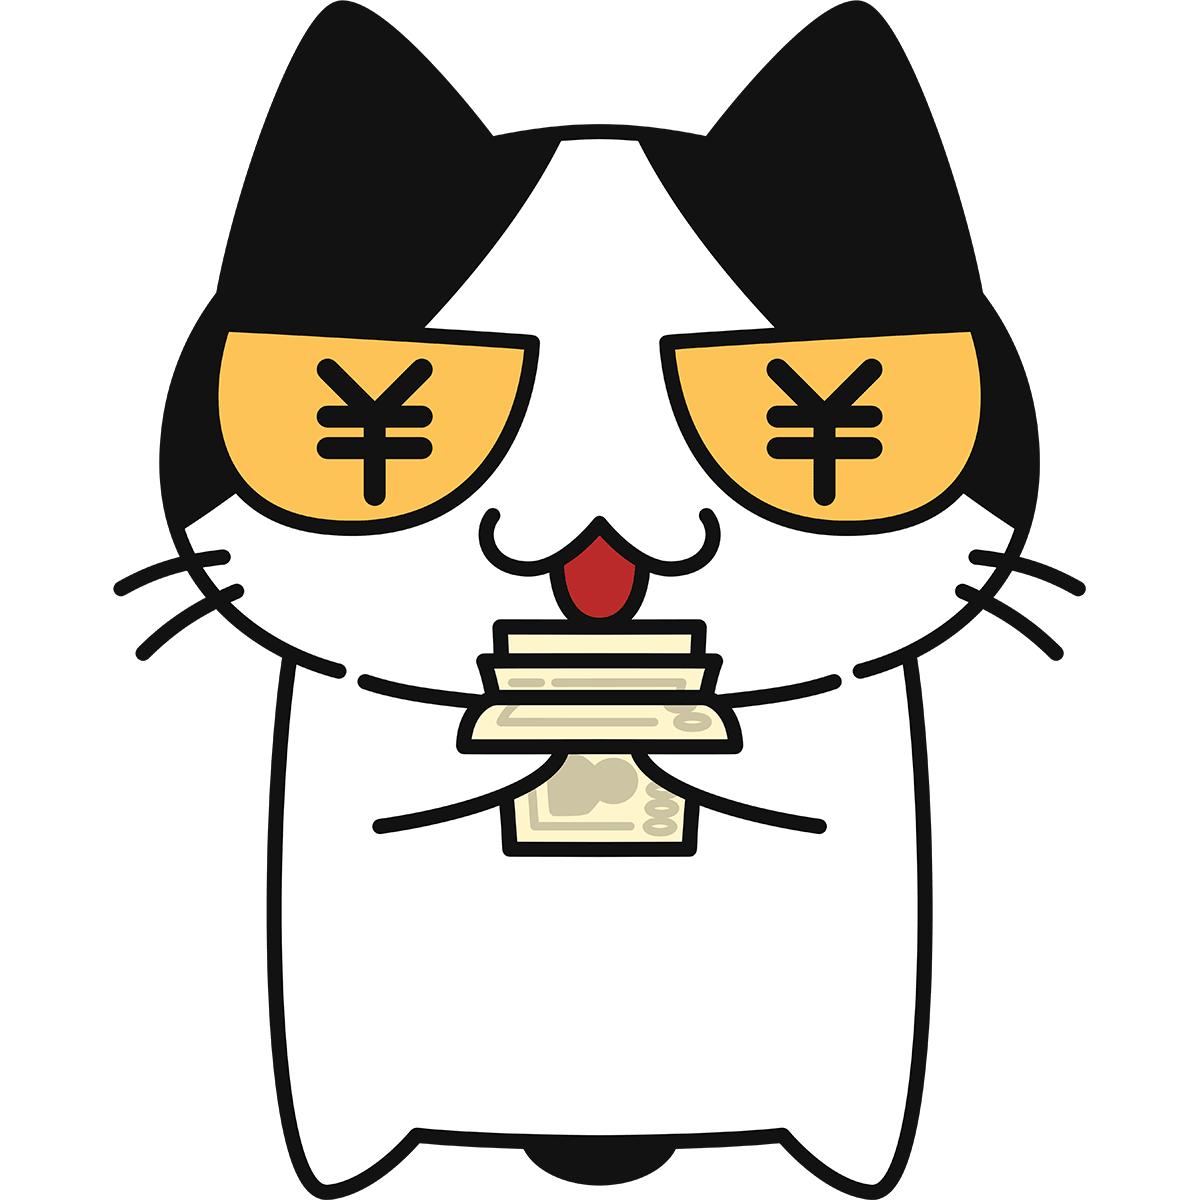 目が円マークになる猫の無料イラスト